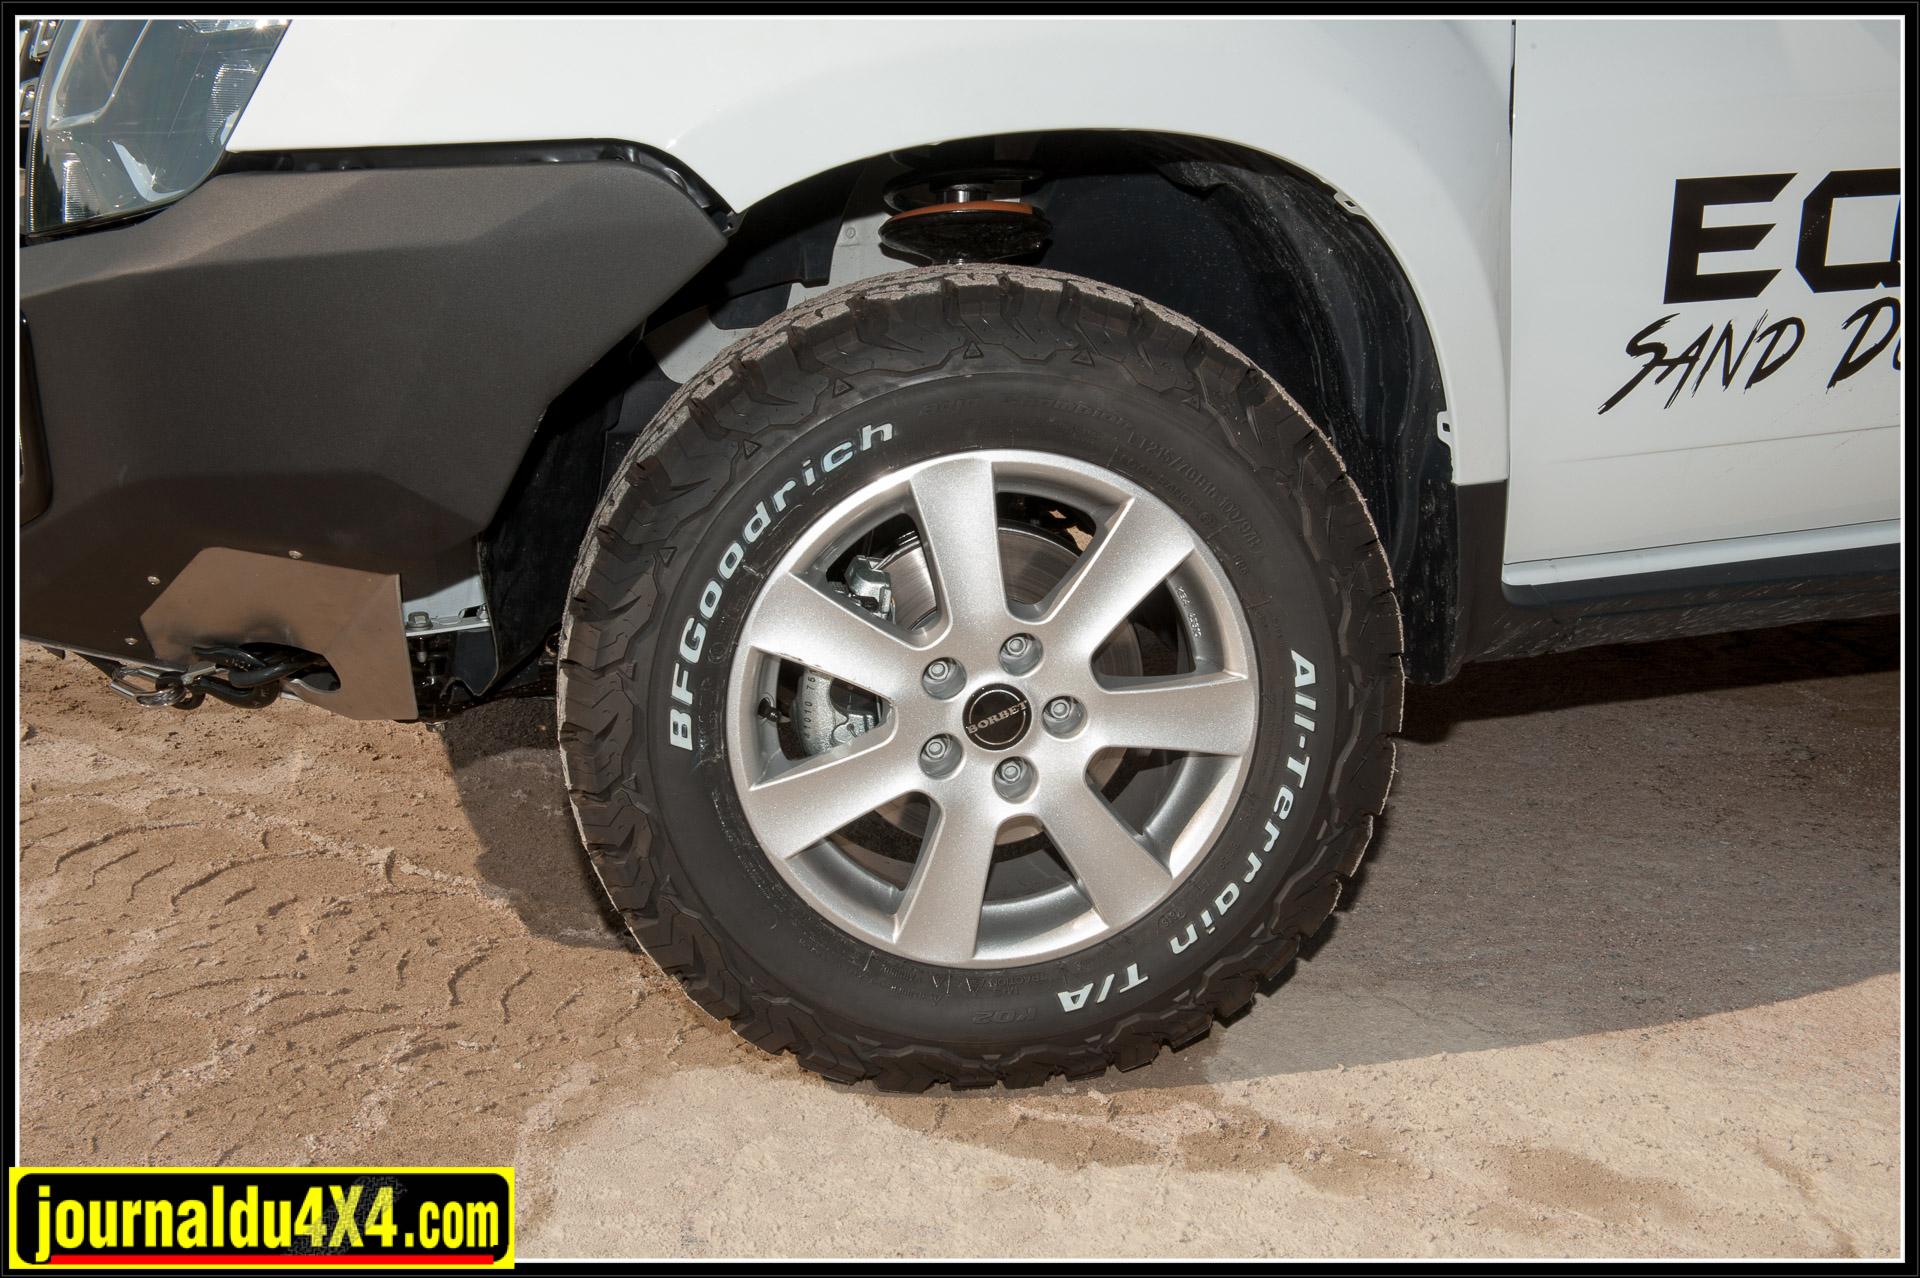 Les pneus All Terrain en 215 x 70 x 16 de chez BF Goodrich sont montés sur des jantes en aluminium Borbet